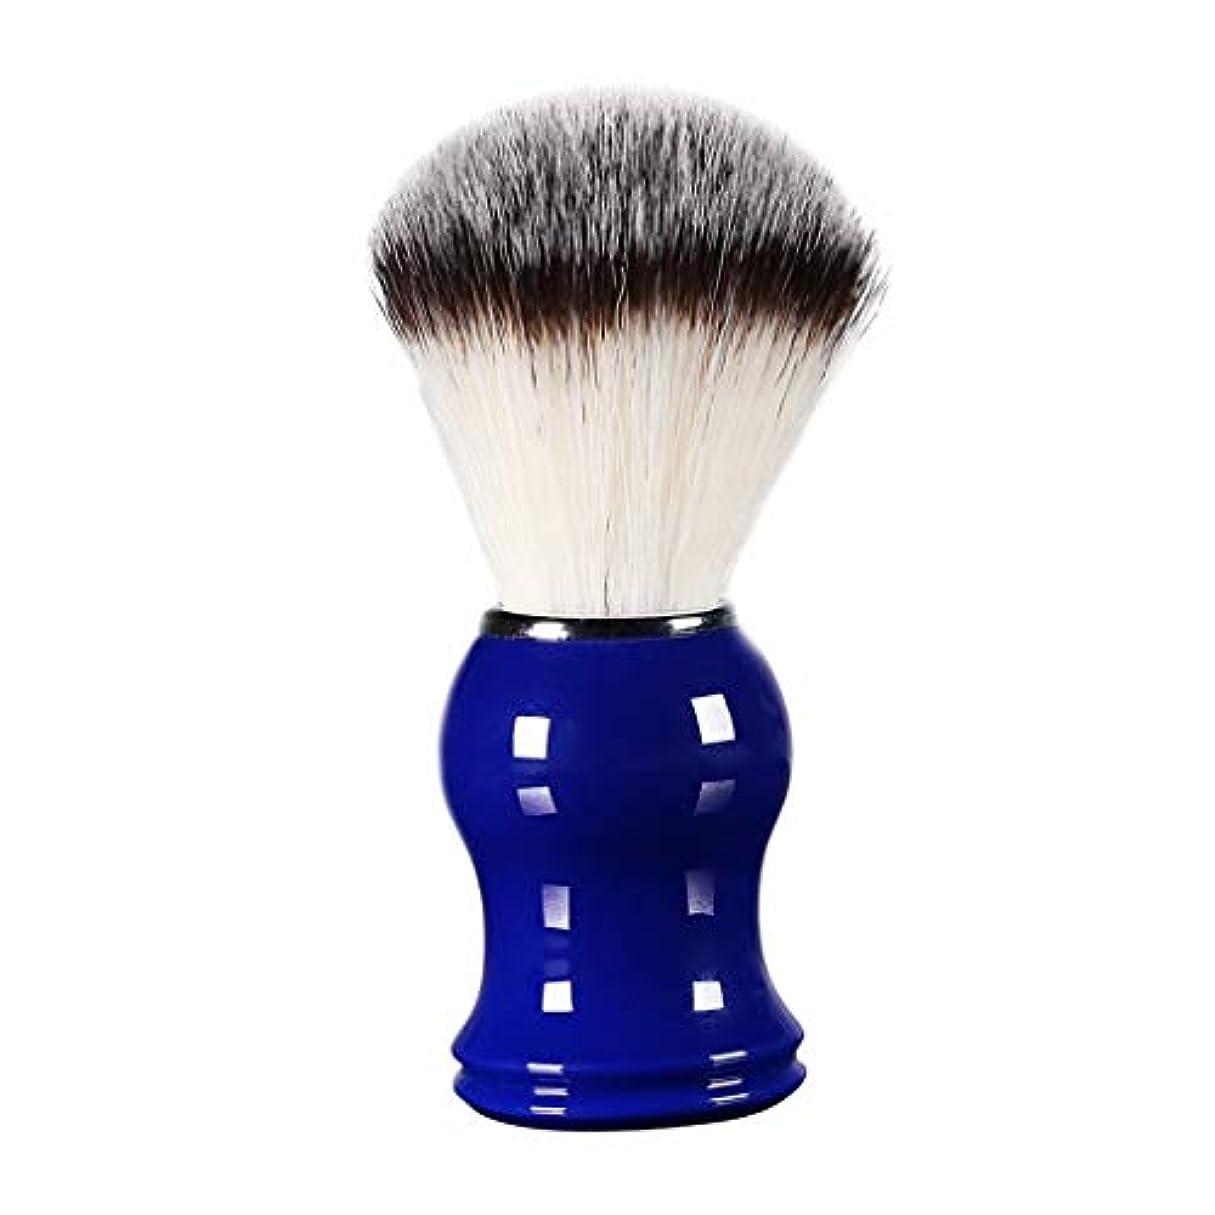 活気づける農民ハロウィンFLAMEER 床屋 サロン 髭剃り シェービングブラシ メンズ 泡立ち 洗顔 理容 約11cm